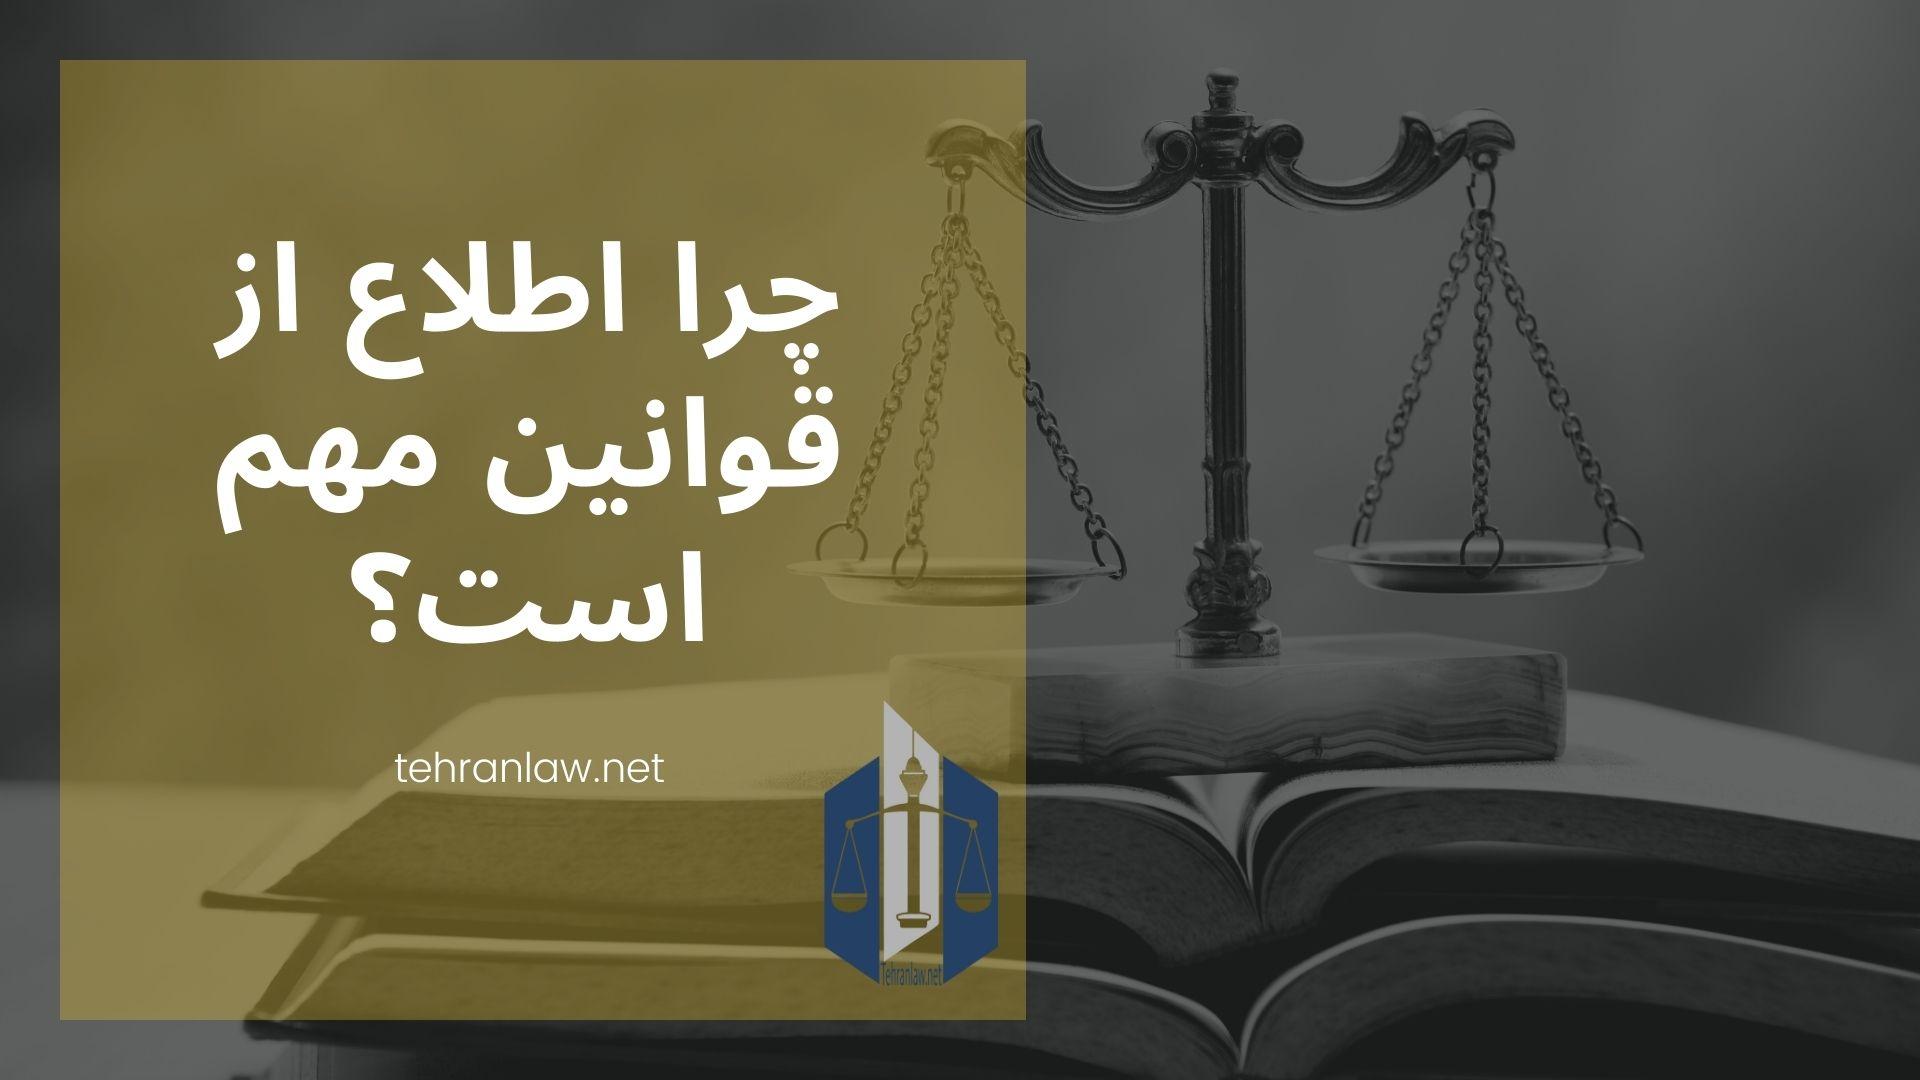 چرا اطلاع از قوانین مهم است